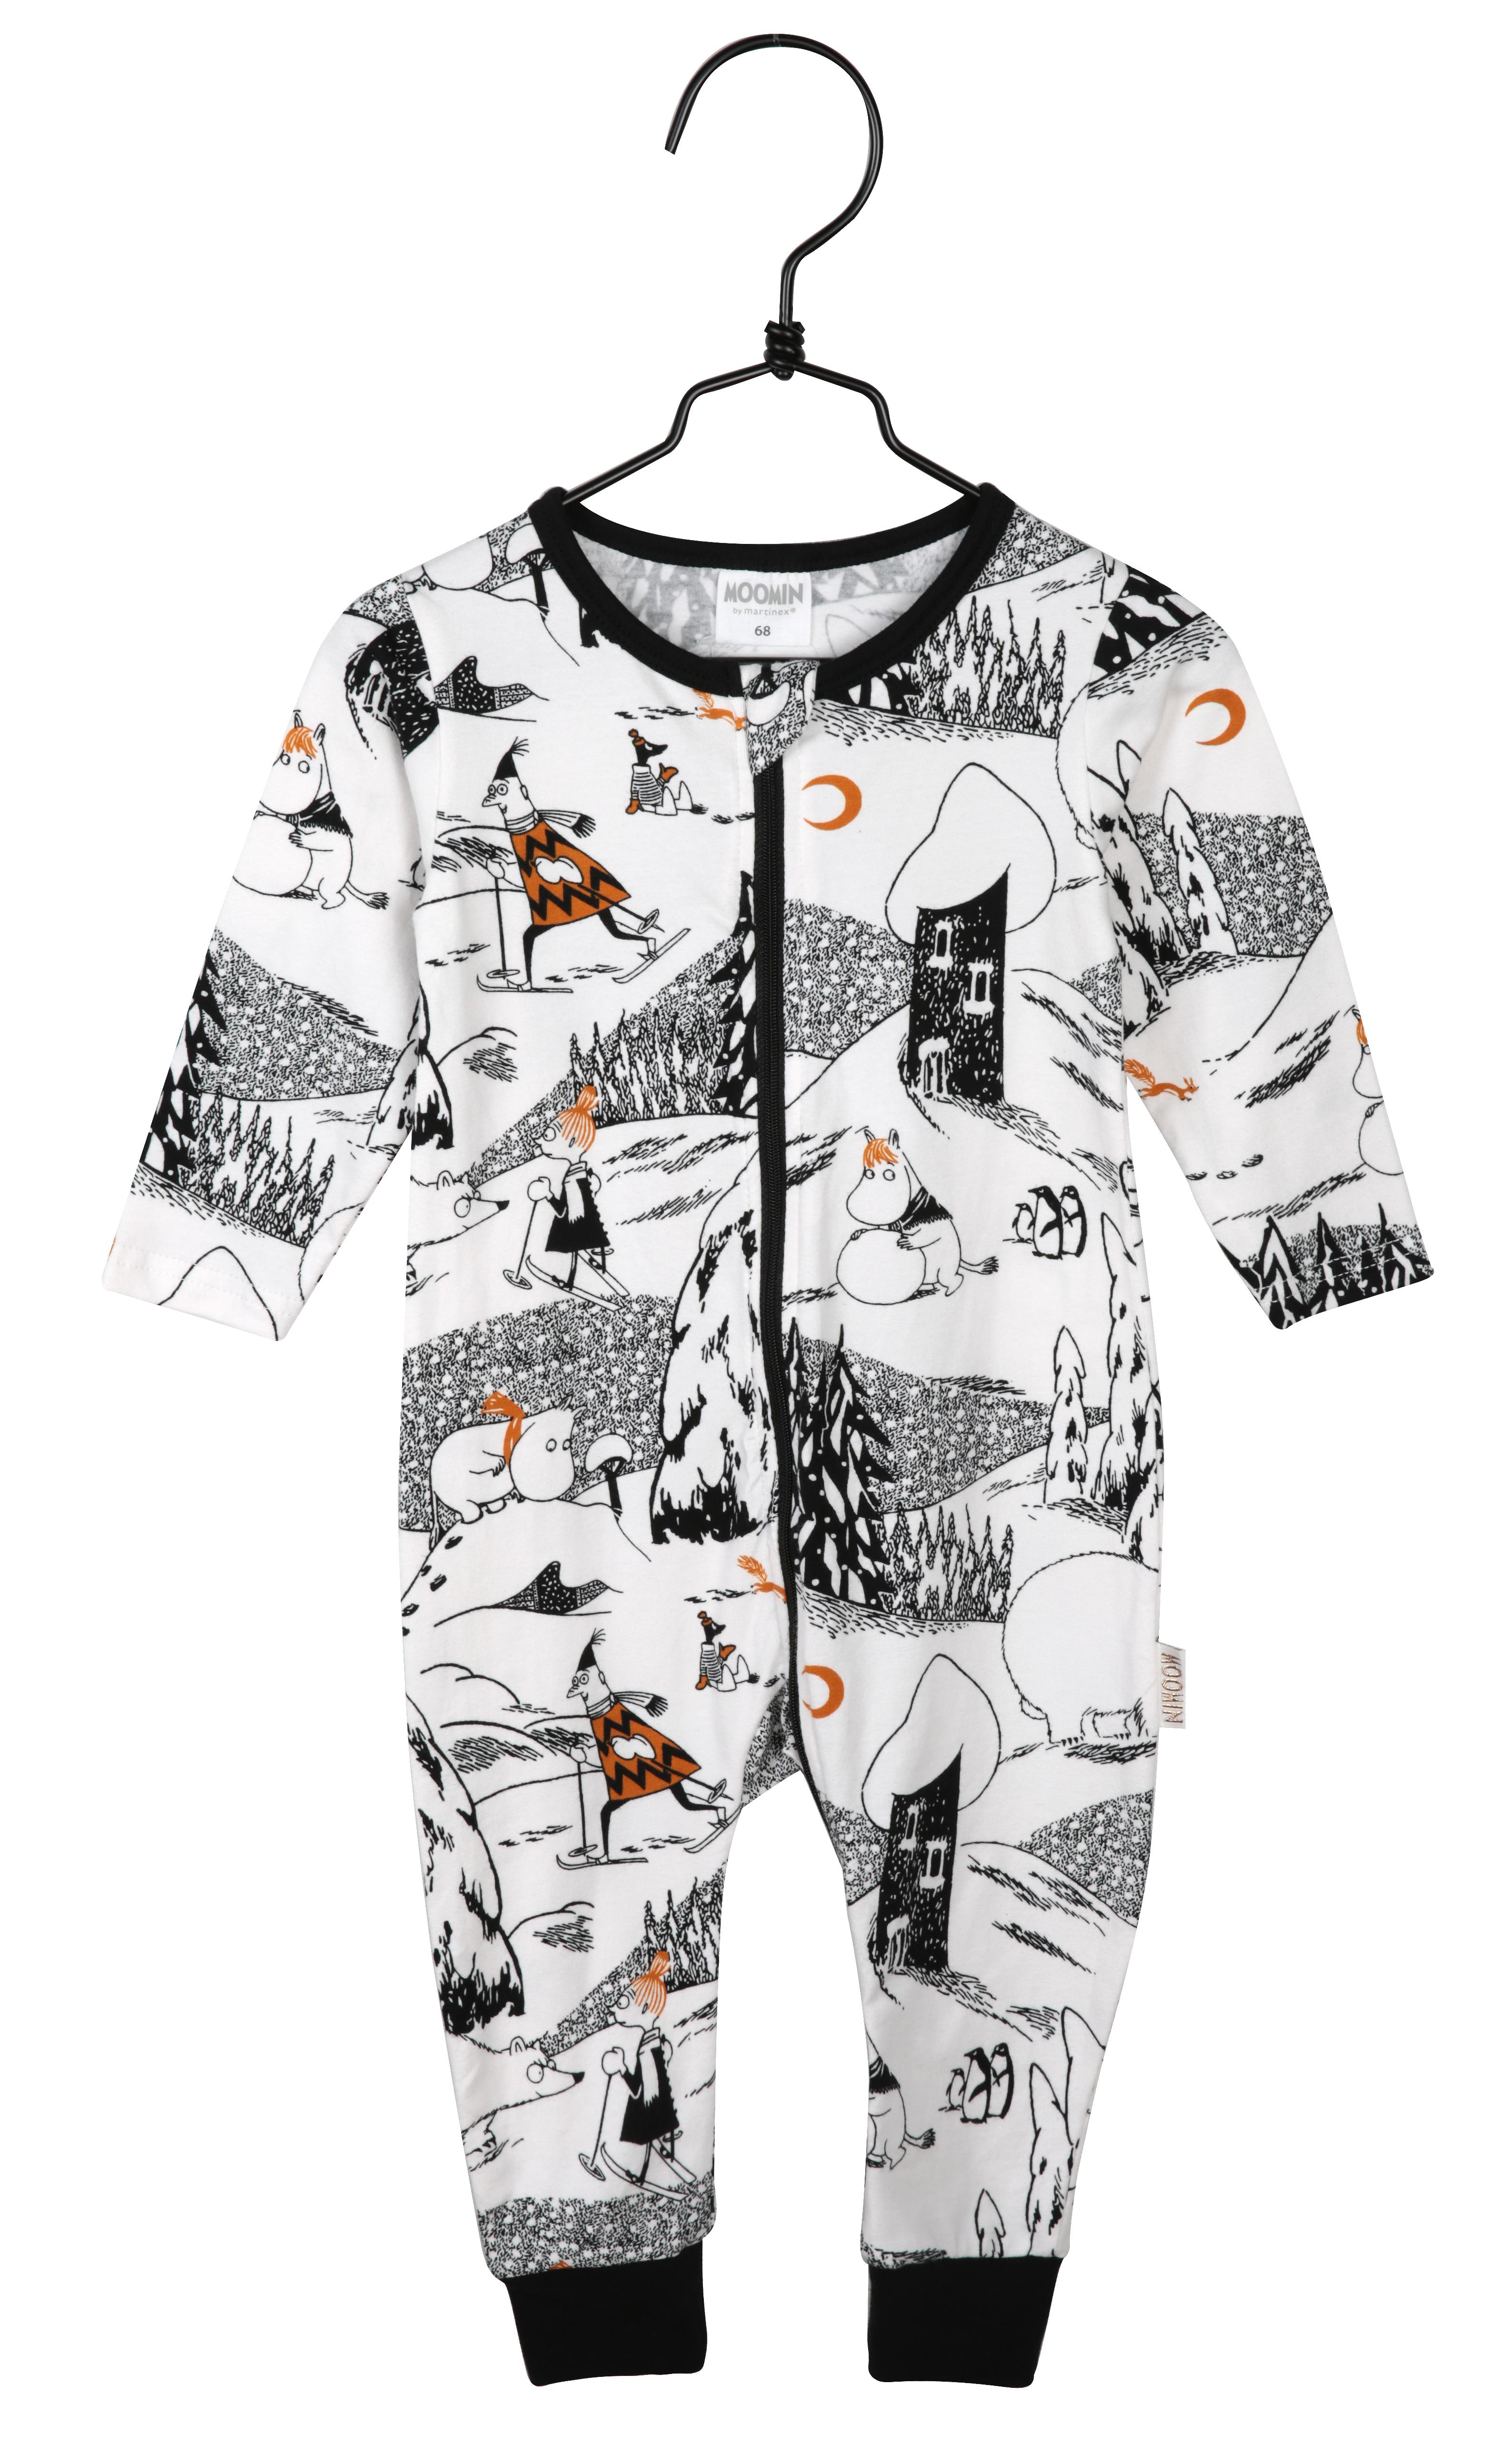 Martinex Polarbear Pyjamas Black